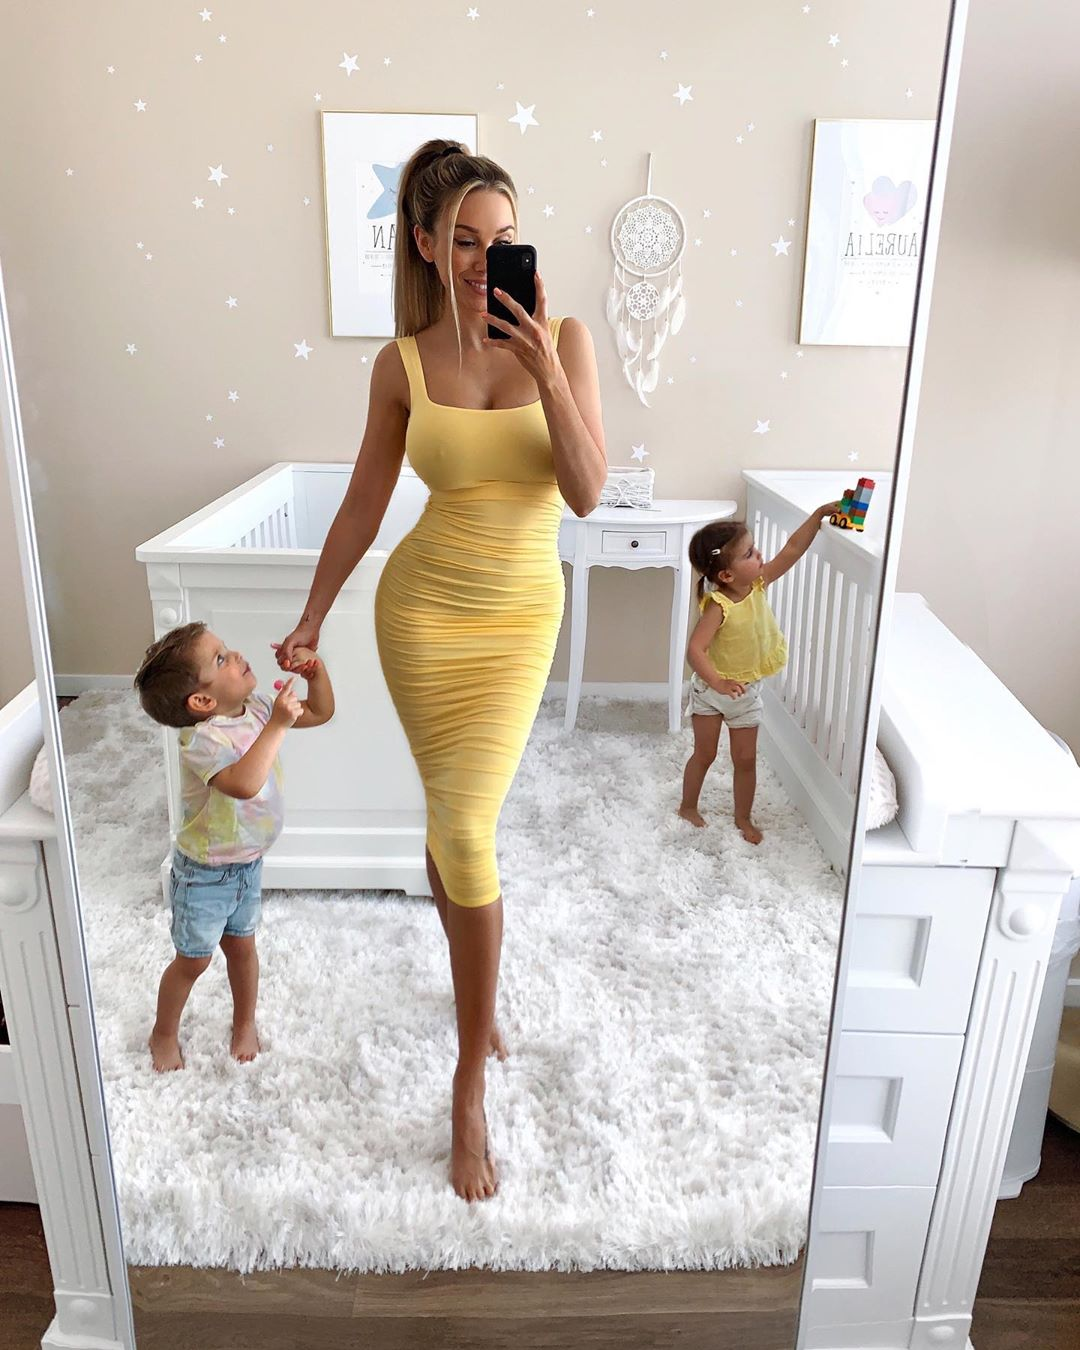 Потрясающая мамочка с двумя детьми и идеальной фигурой